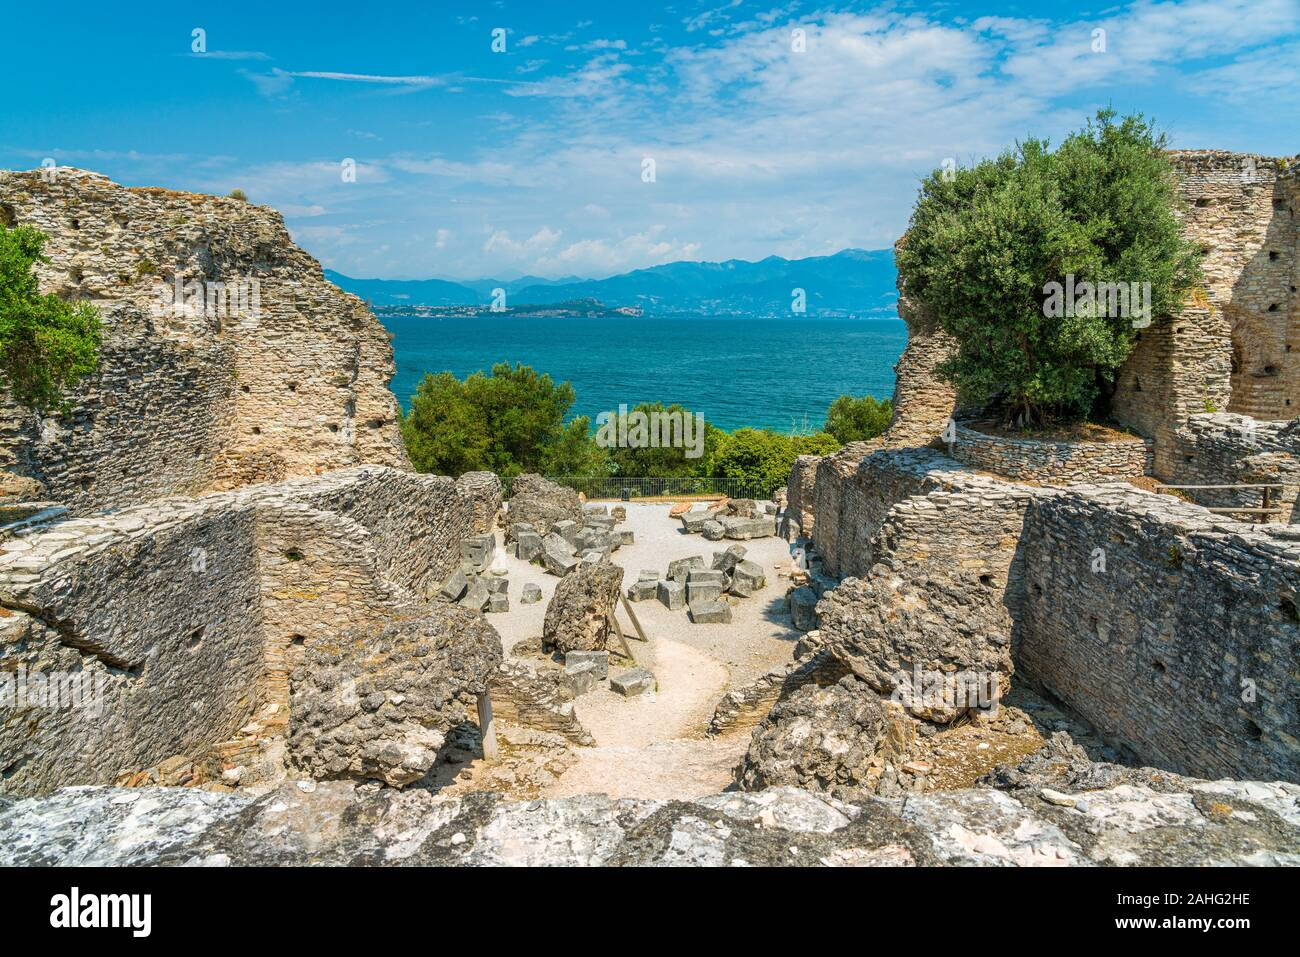 Ruins of Catullo's Villa at Sirmione, on Lake Garda, Province of Brescia, Lombardy, Italy. Stock Photo